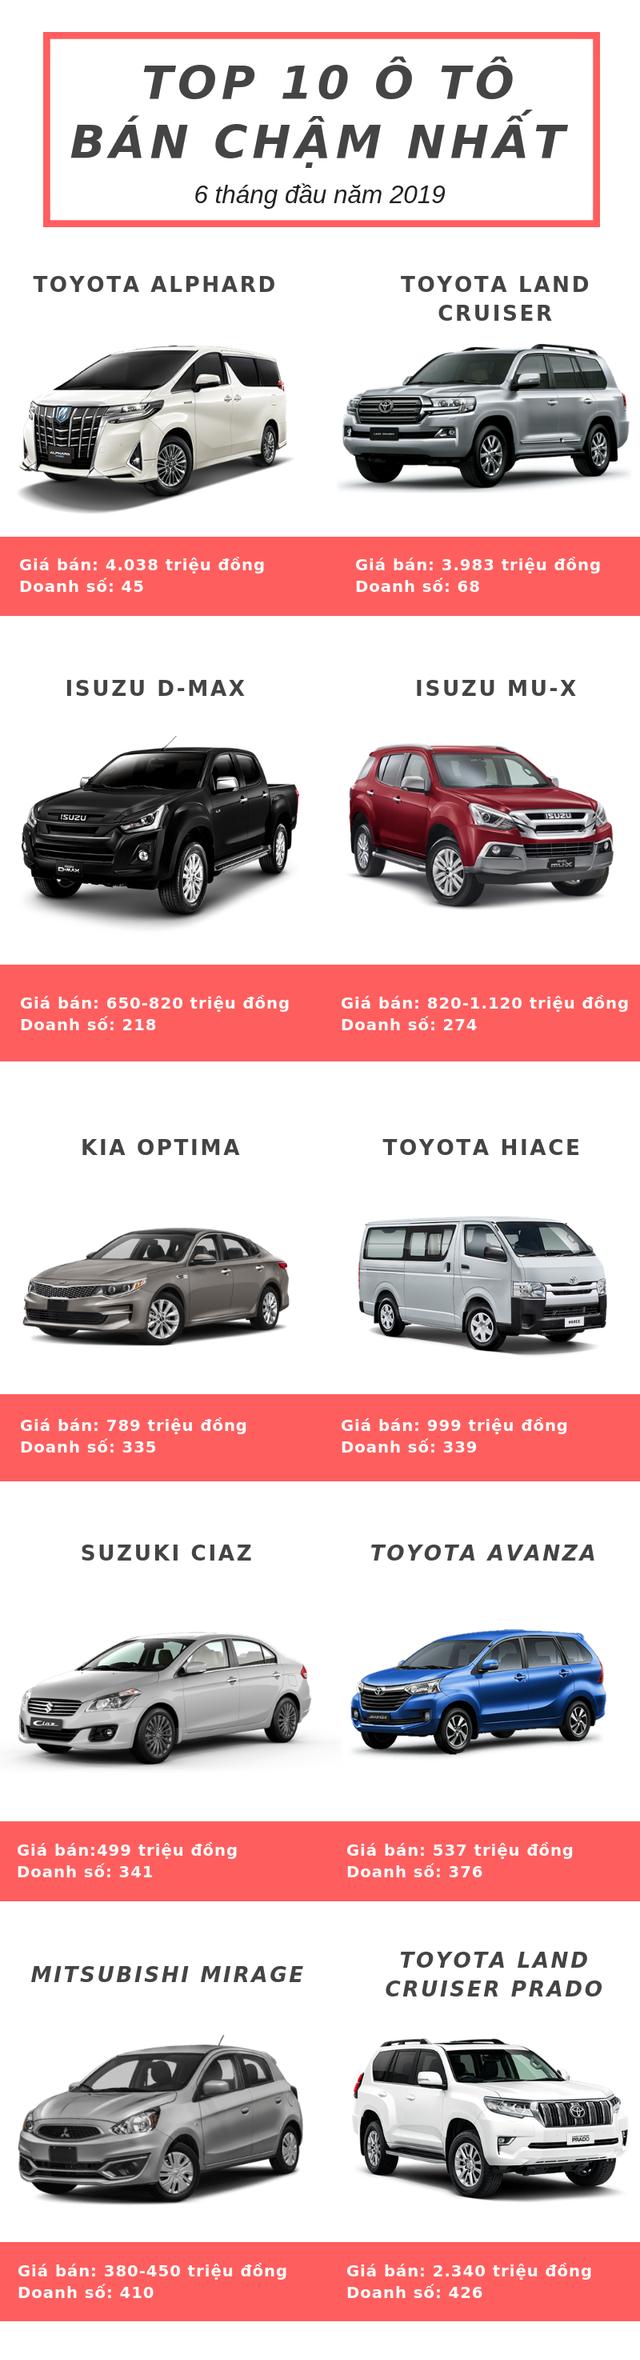 Top 10 ô tô bán chậm nhất 6 tháng đầu năm 2019: Toyota chiếm đa số - Ảnh 1.